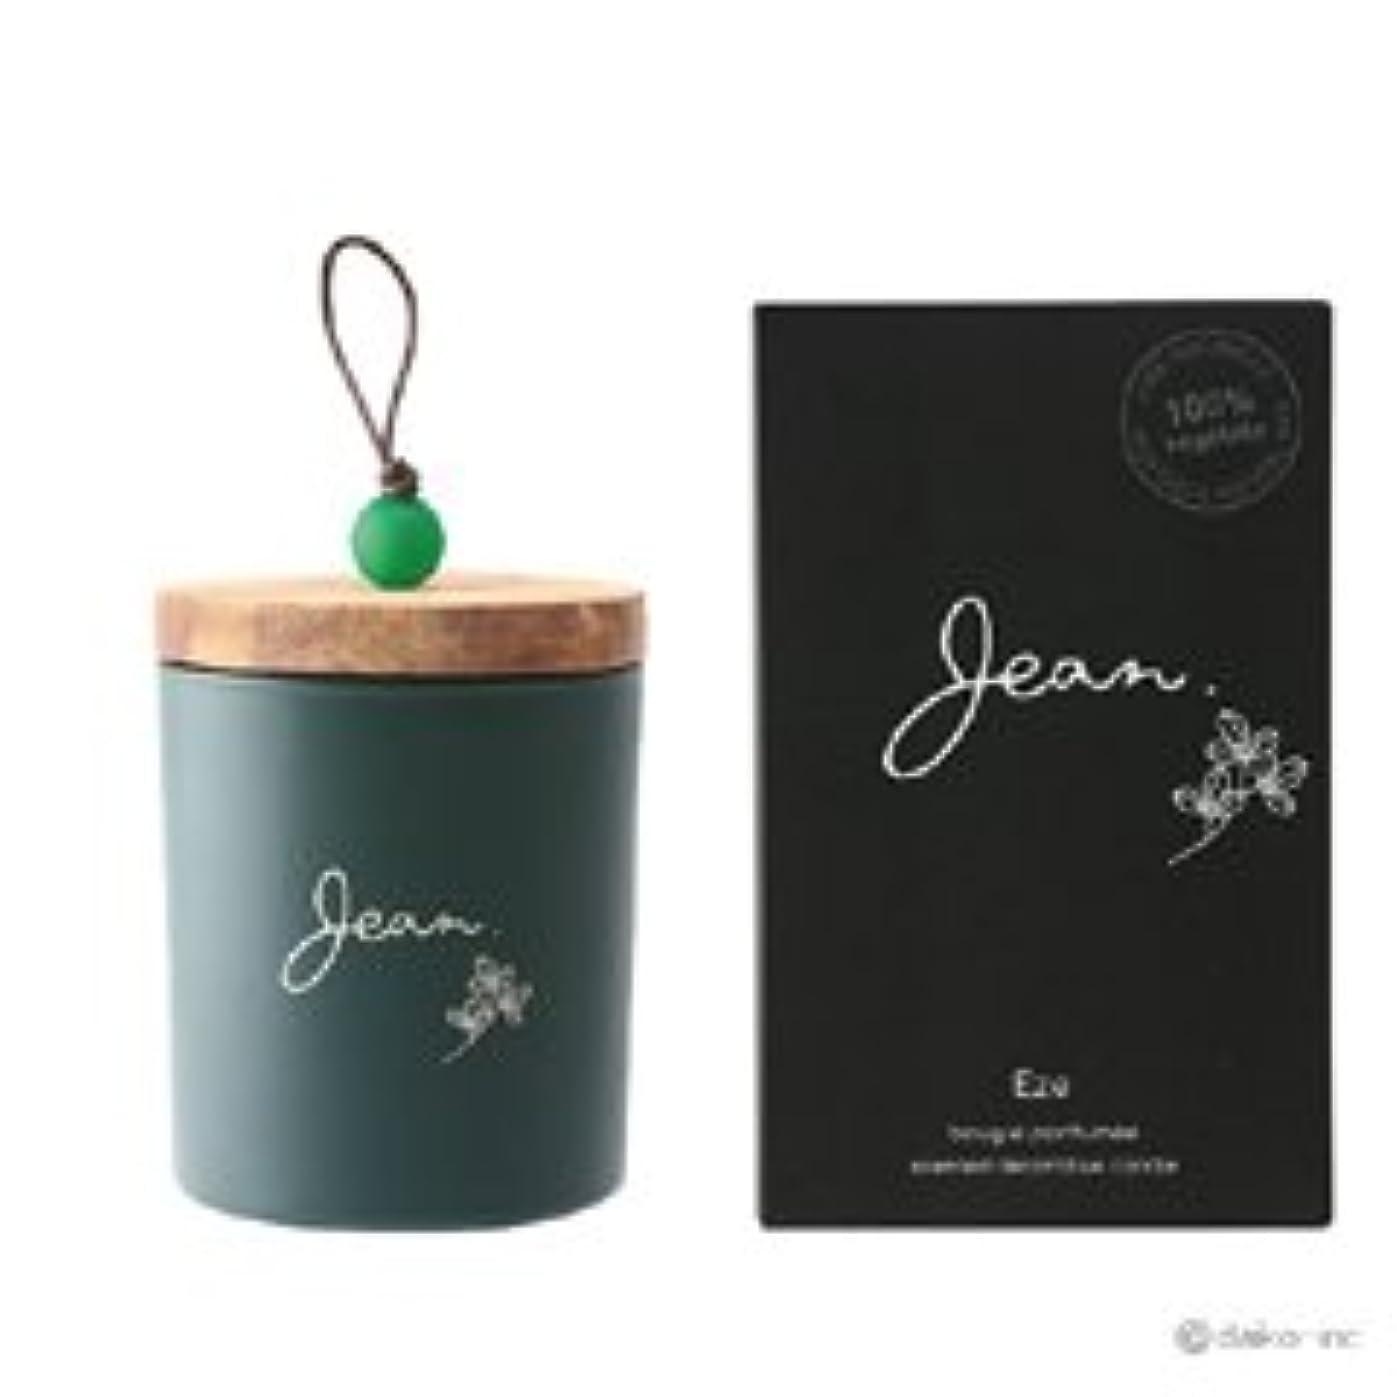 【大香】Jean.(ジャン)センテッドキャンドル エズ